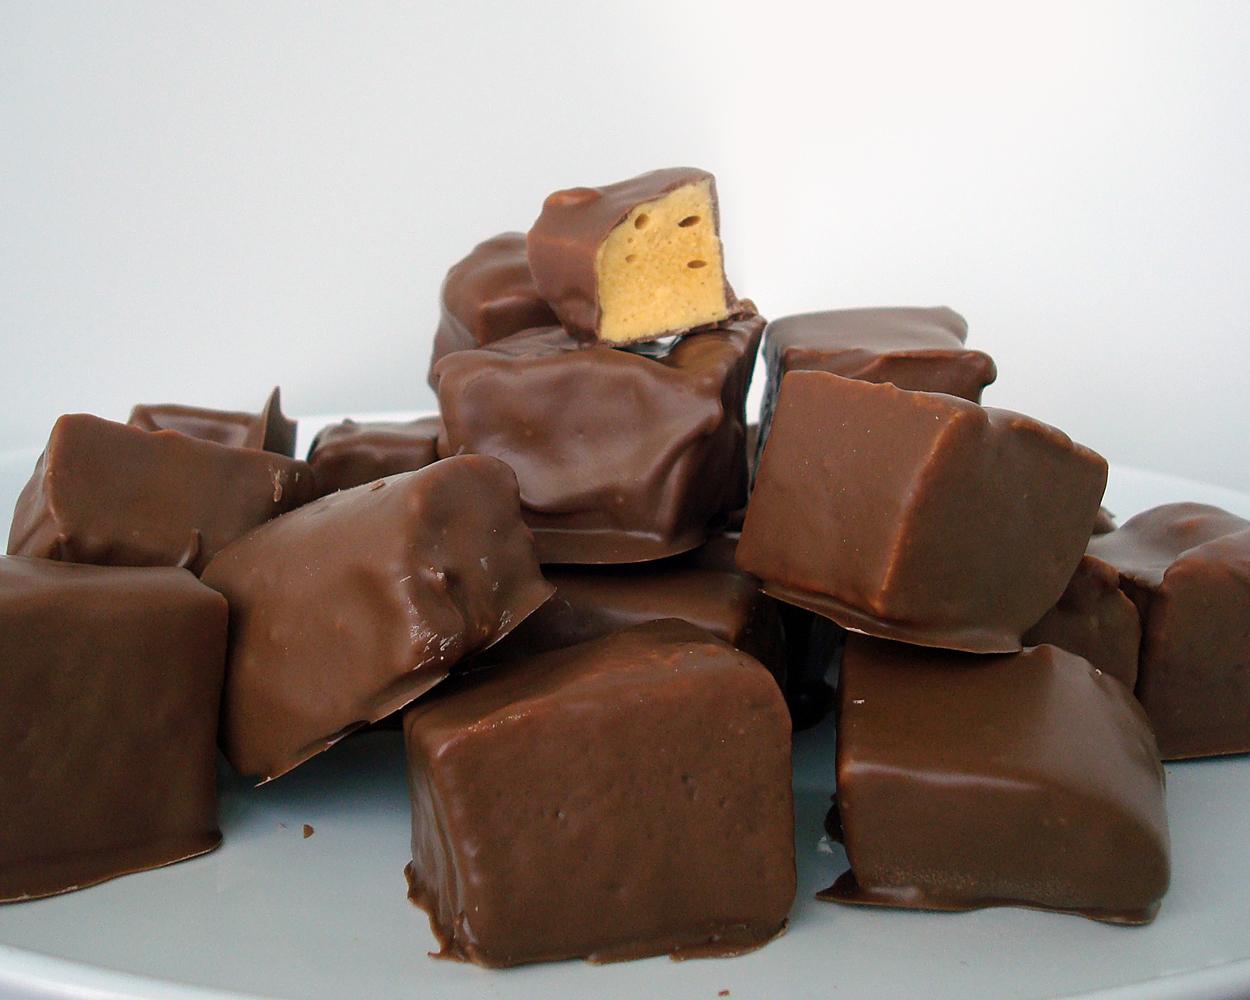 Wilde in the Kitchen: Buffalo Sponge Candy